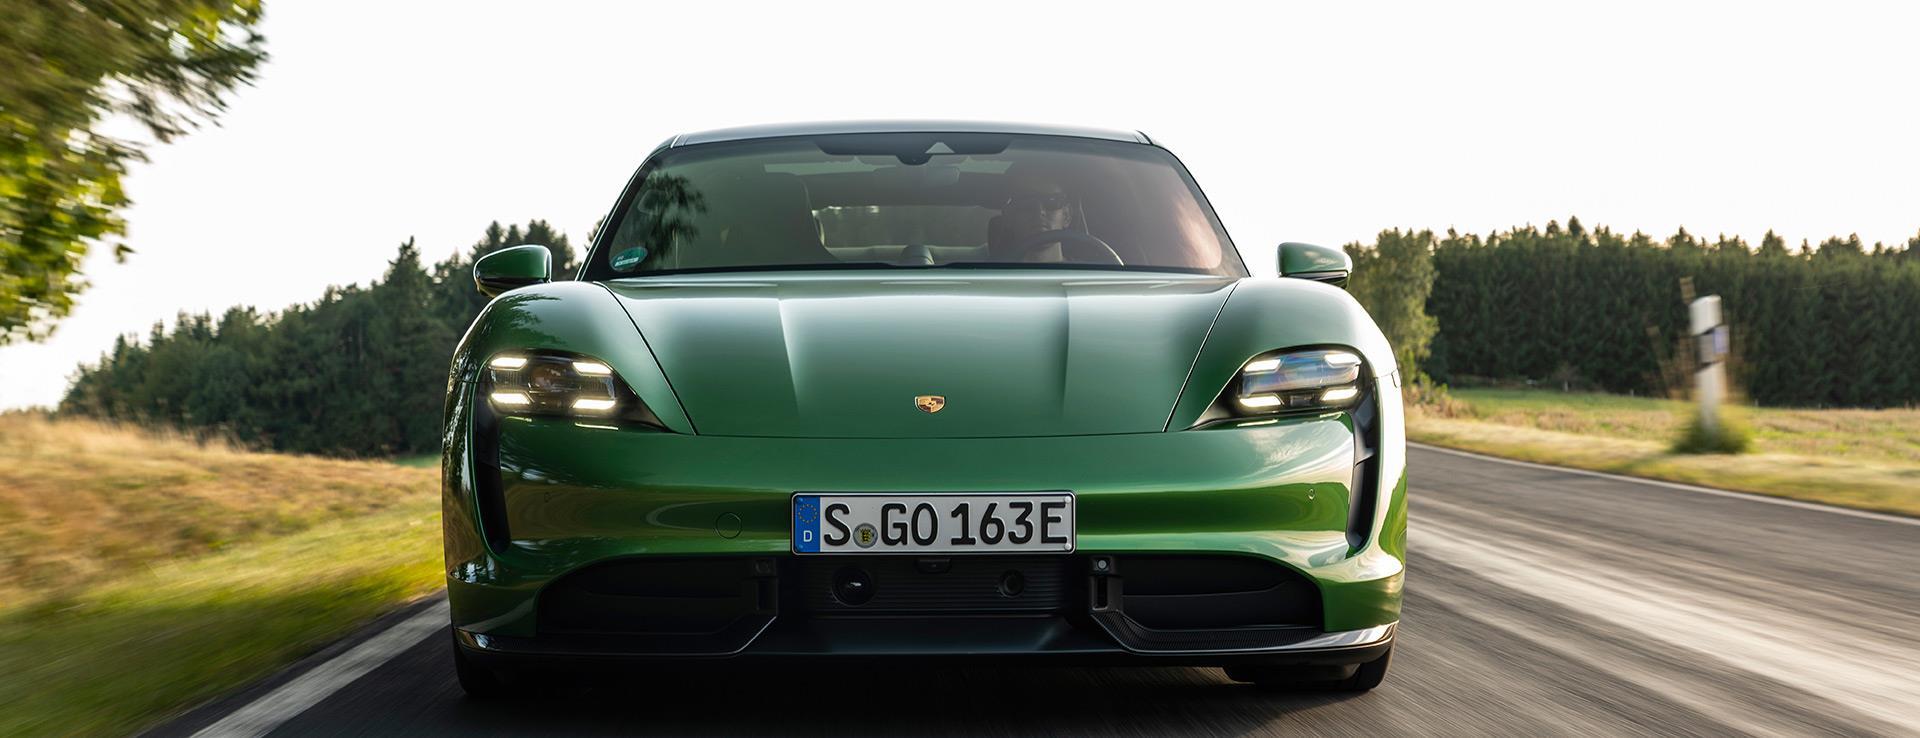 Porsche - Dünyada Yılın Otomobilleri Ödülleri'nde  Porsche Taycan'a çifte ödül